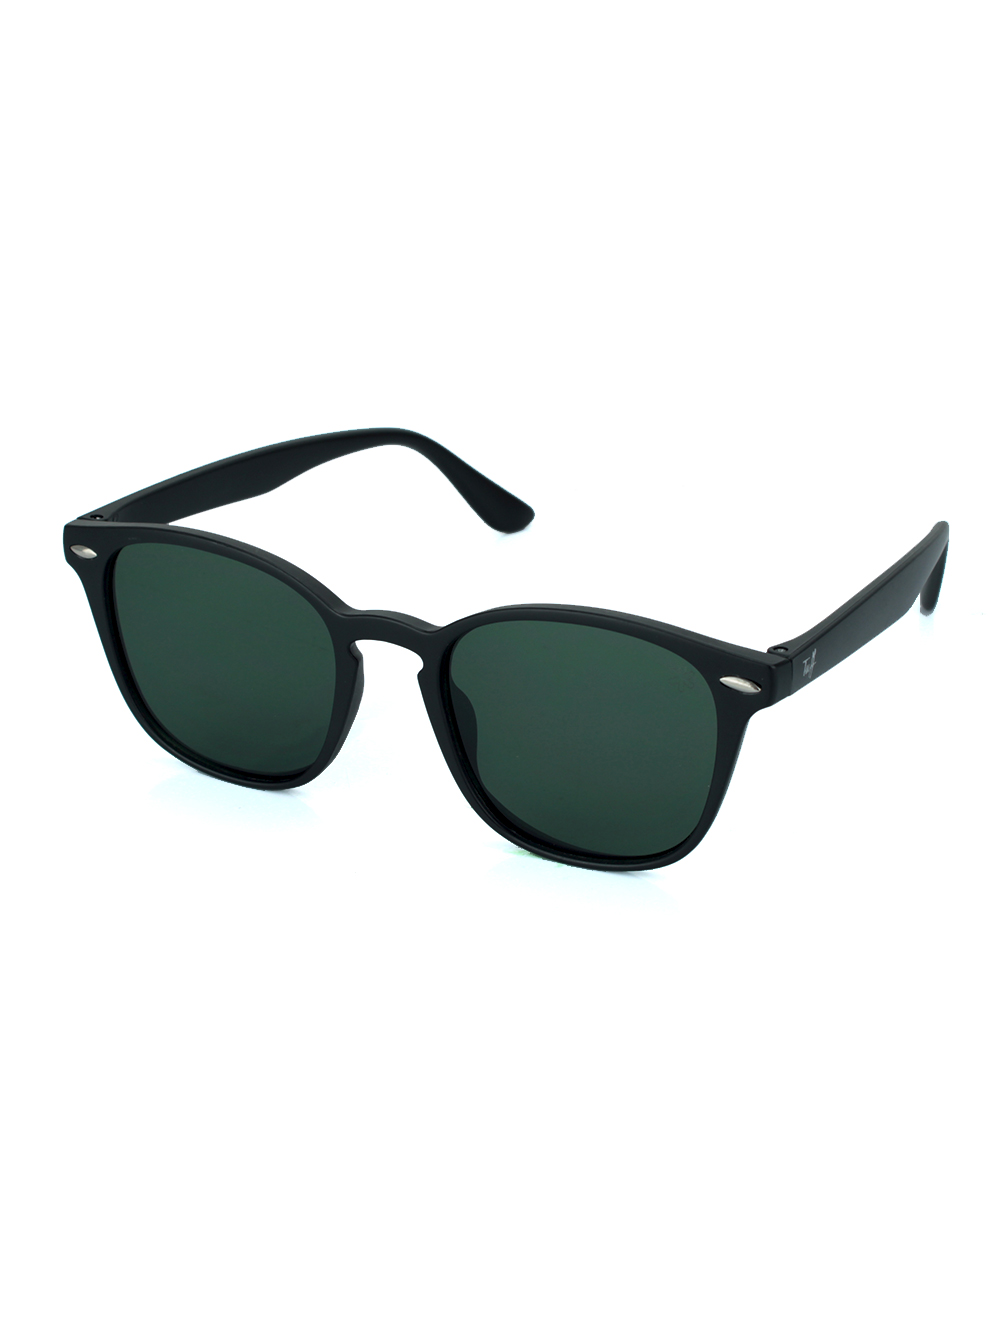 Sunglasses Quadrado Preto Fosco